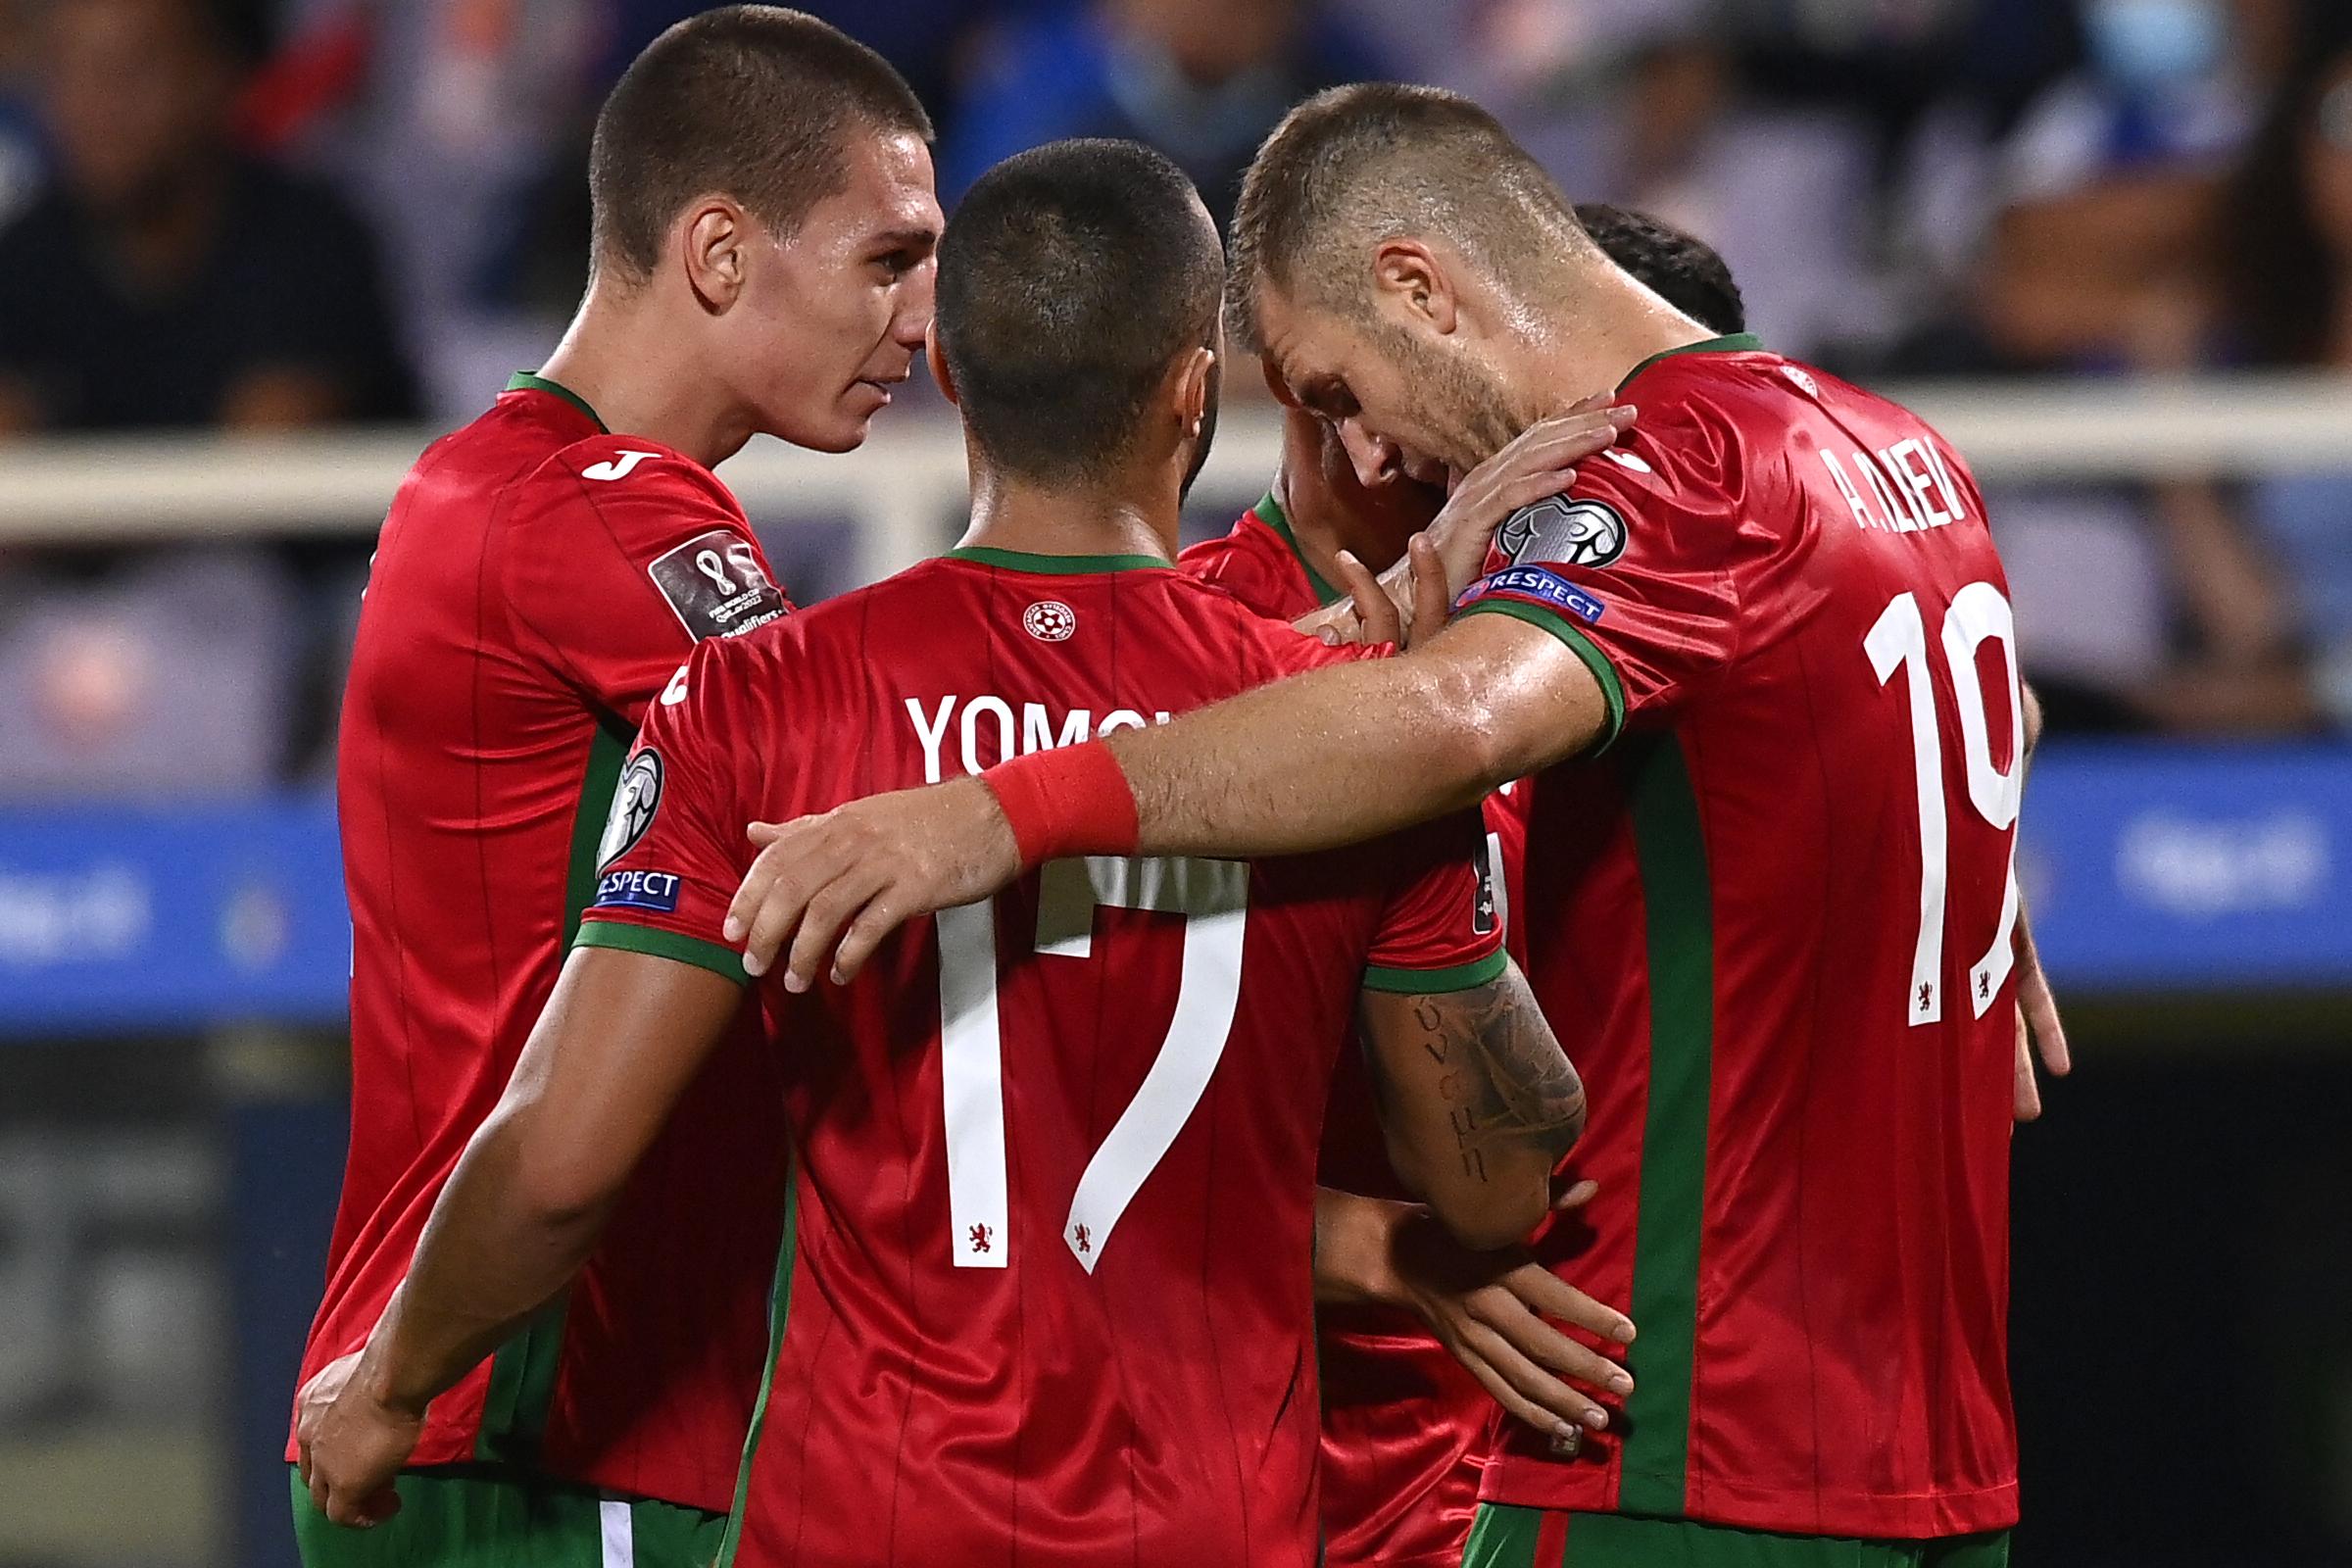 Qualificazioni Mondiali 2022: Iliev convocato per i match con Lituania e Irlanda del Nord.